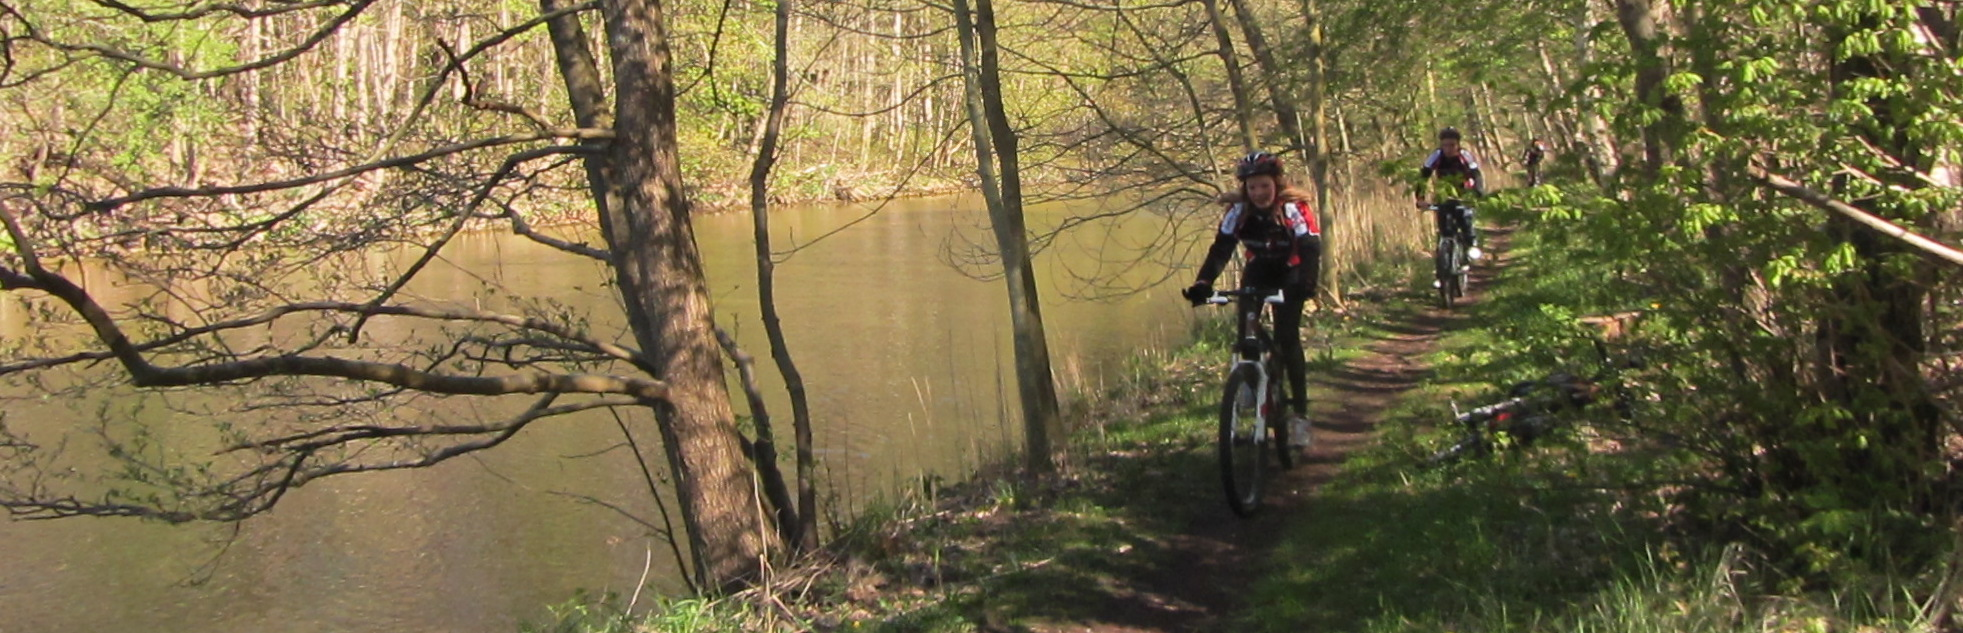 Mountainbike Clinic Dijkgatbos